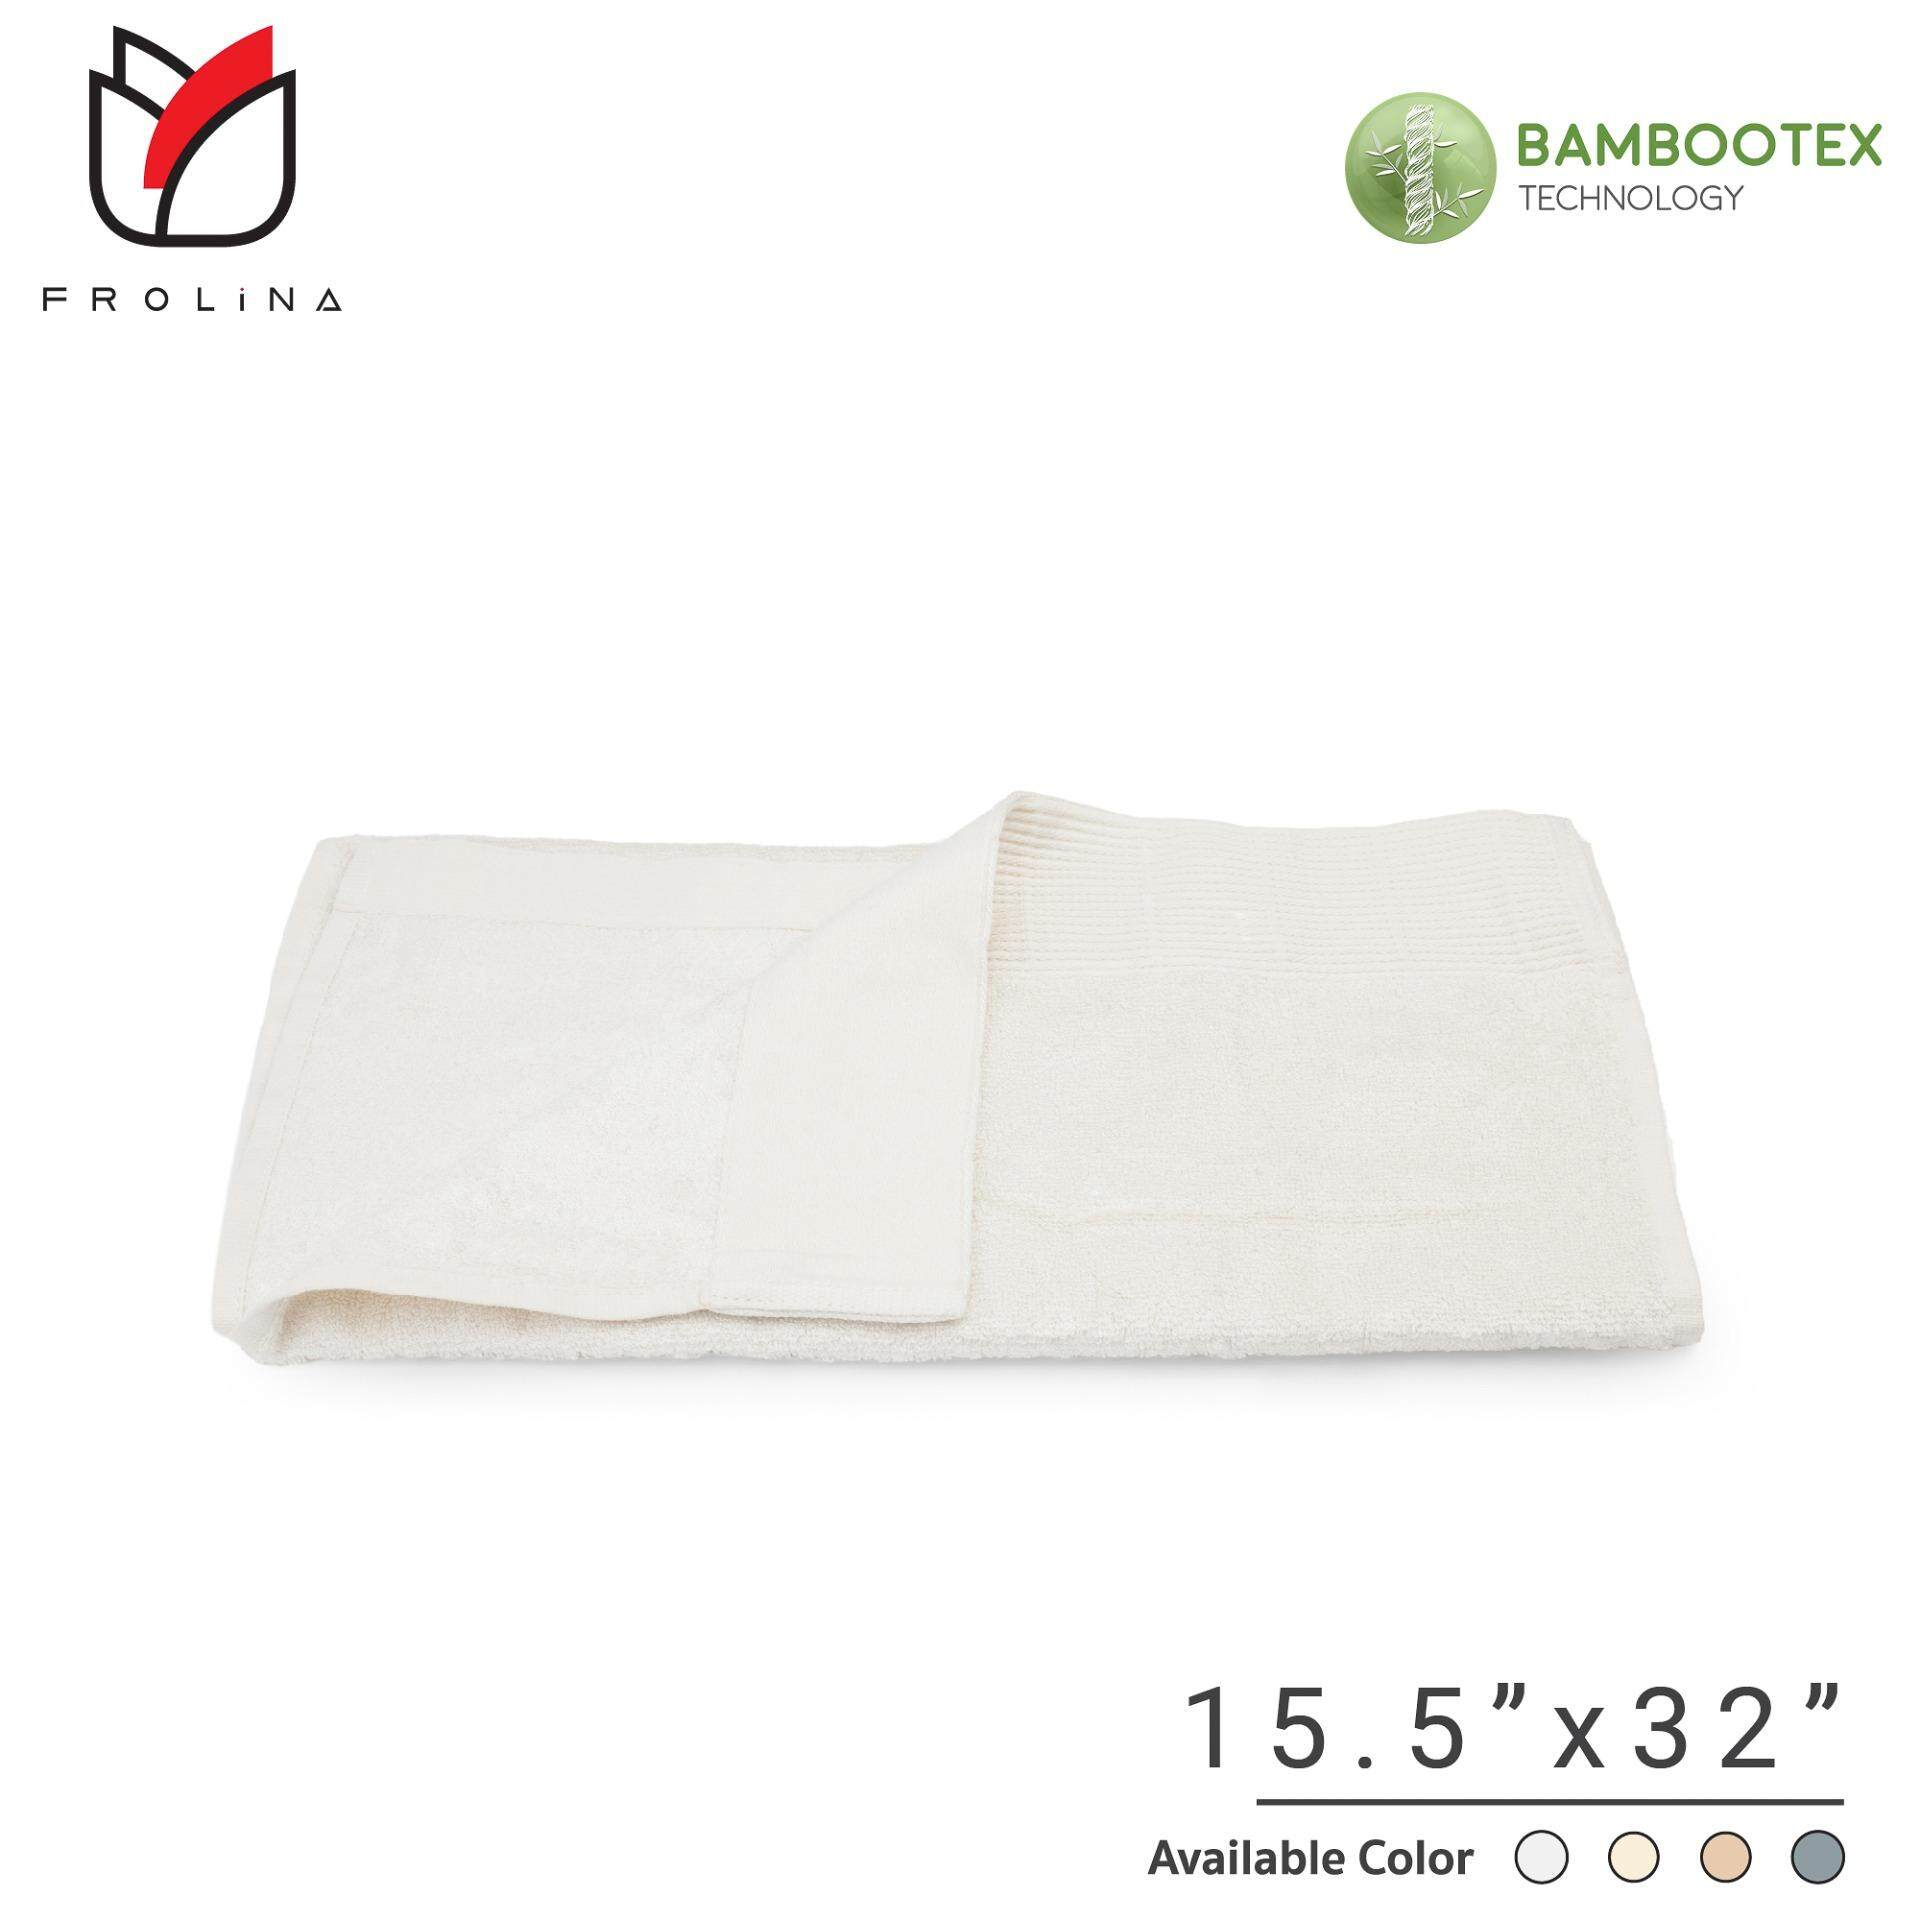 ซื้อ Frolina Bambootex Collection ผ้าขนหนู เช็ดตัว เส้นใยไผ่ ขนาด15 5X32 ถูก สมุทรปราการ